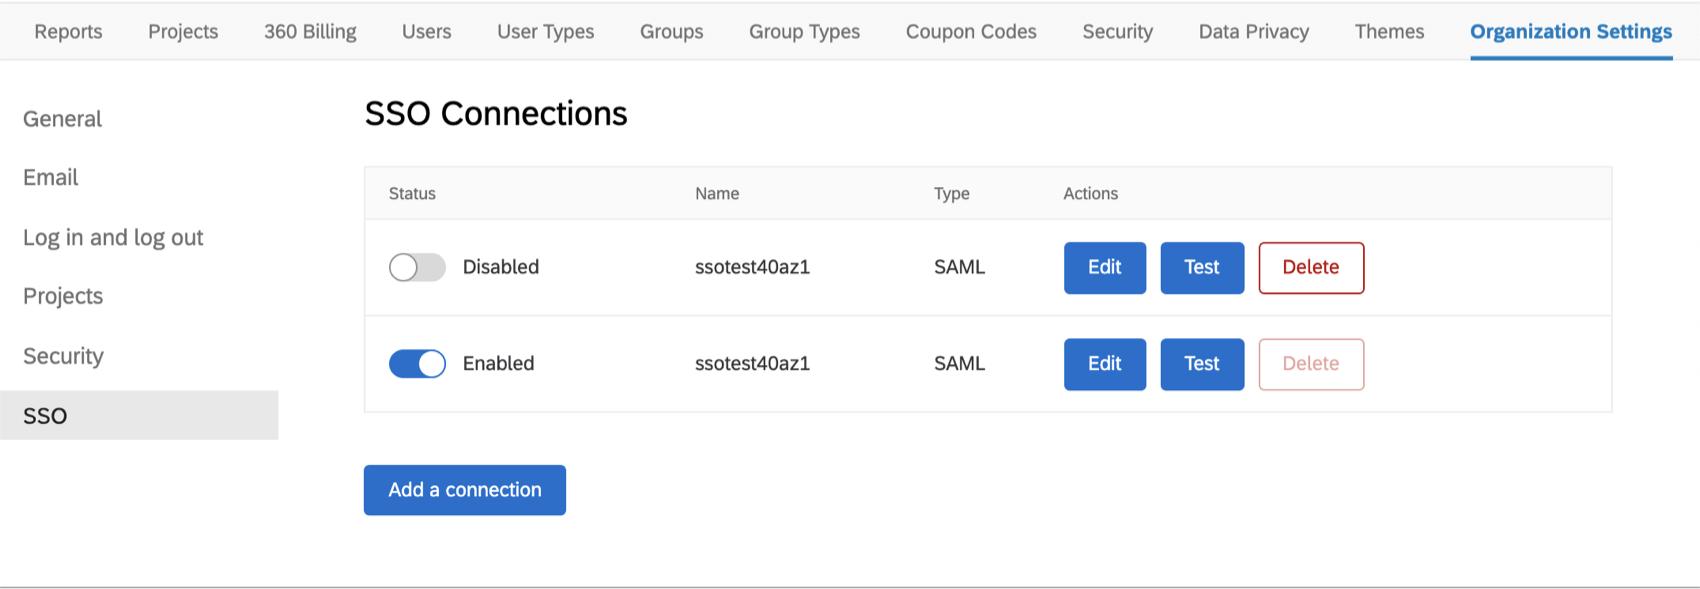 Für jede aufgelistete Verbindung wird ein Statusumschalter zum Ein- und Ausschalten, der Name sowie Schaltflächen zum Bearbeiten, Testen und Löschen angezeigt.